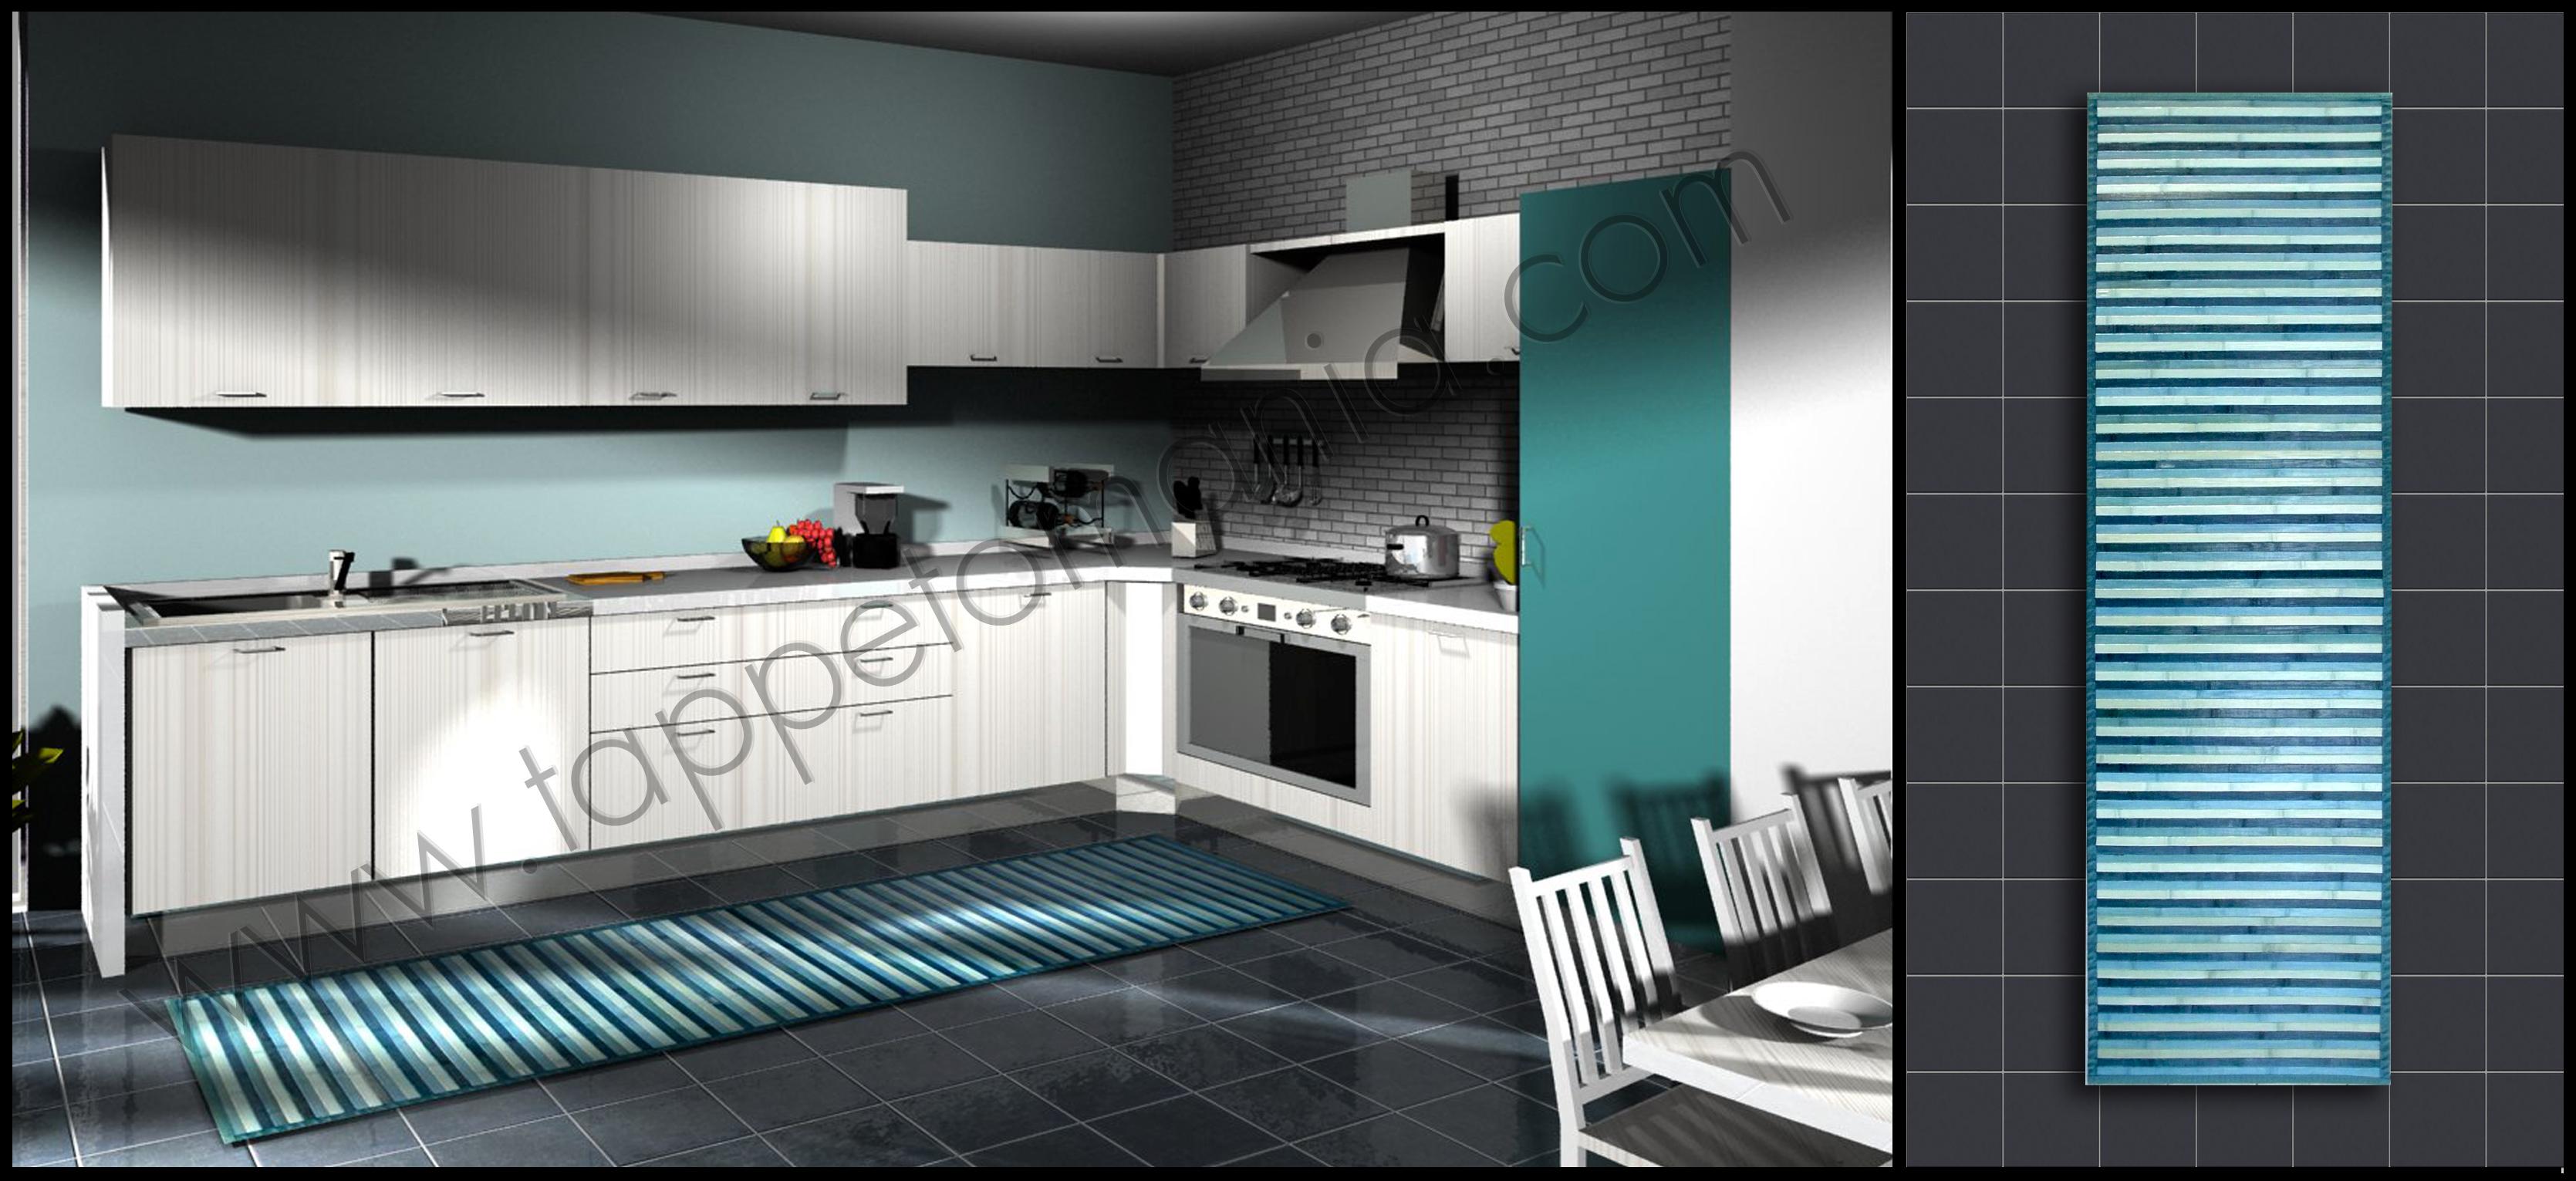 Tappeti shaggy tappeti della cucina originali - Tappeti per cucina moderni ...